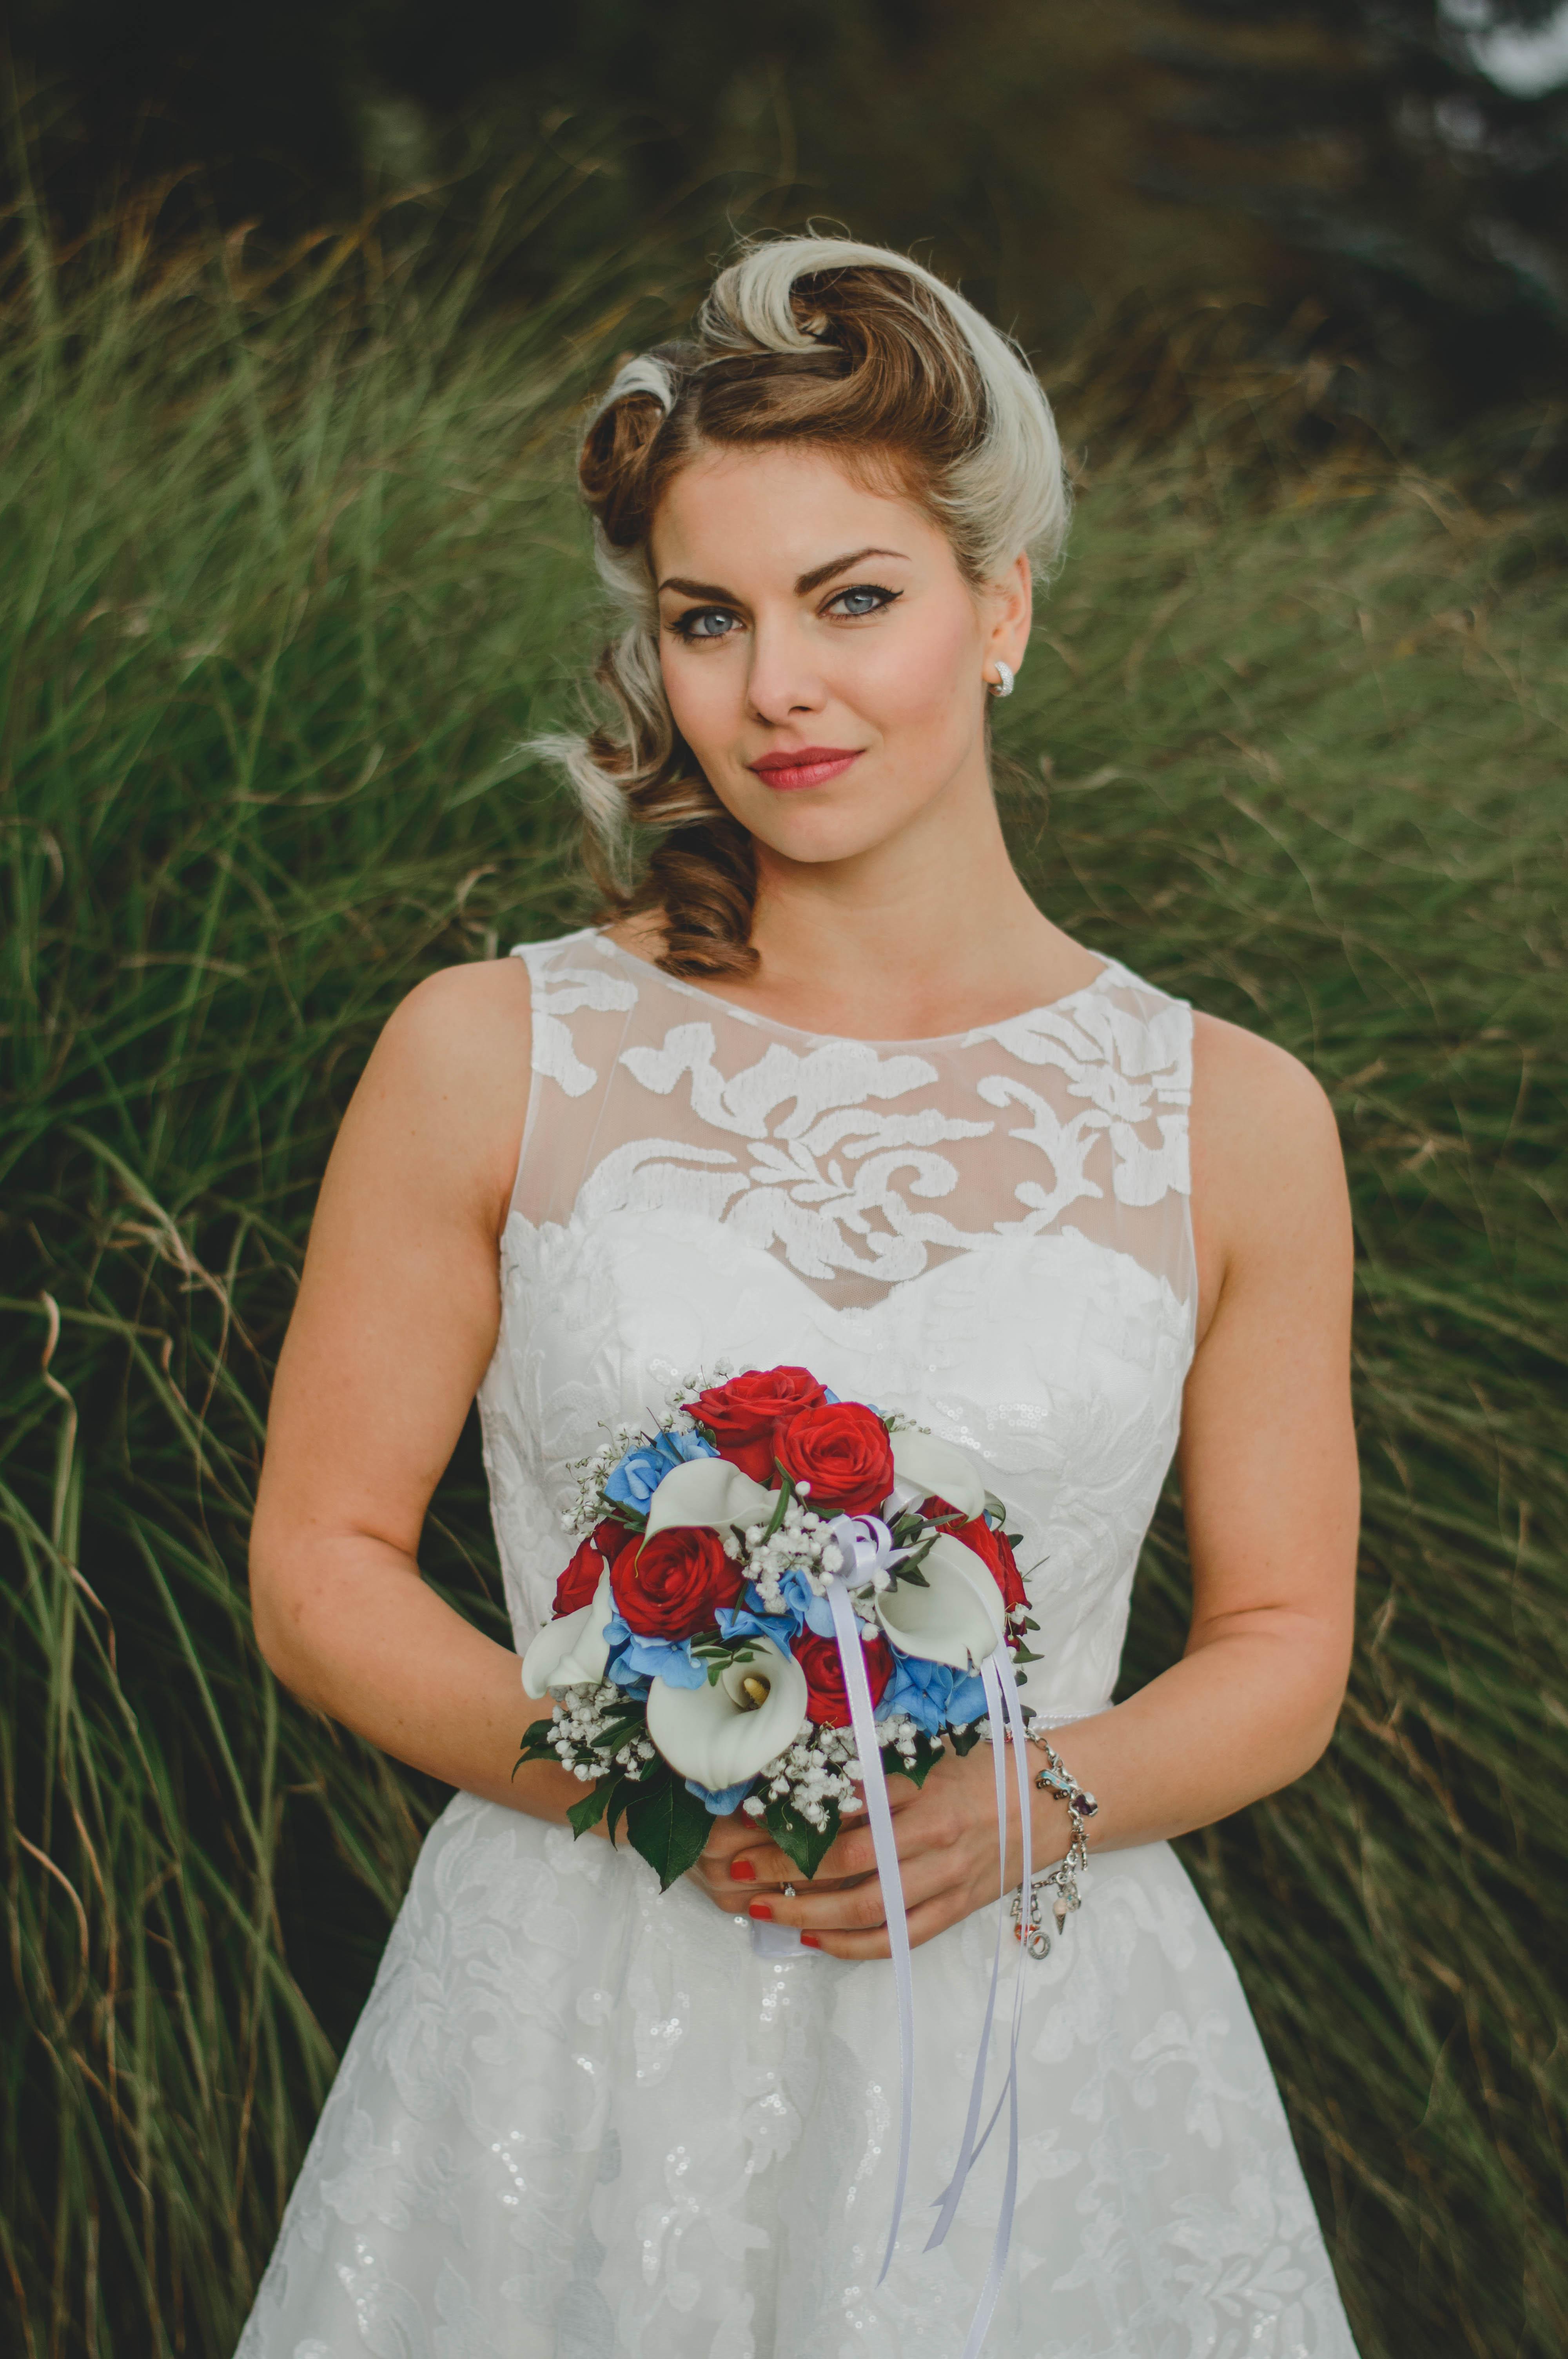 Braut mit braun, weißen Haaren und Brautstrauß